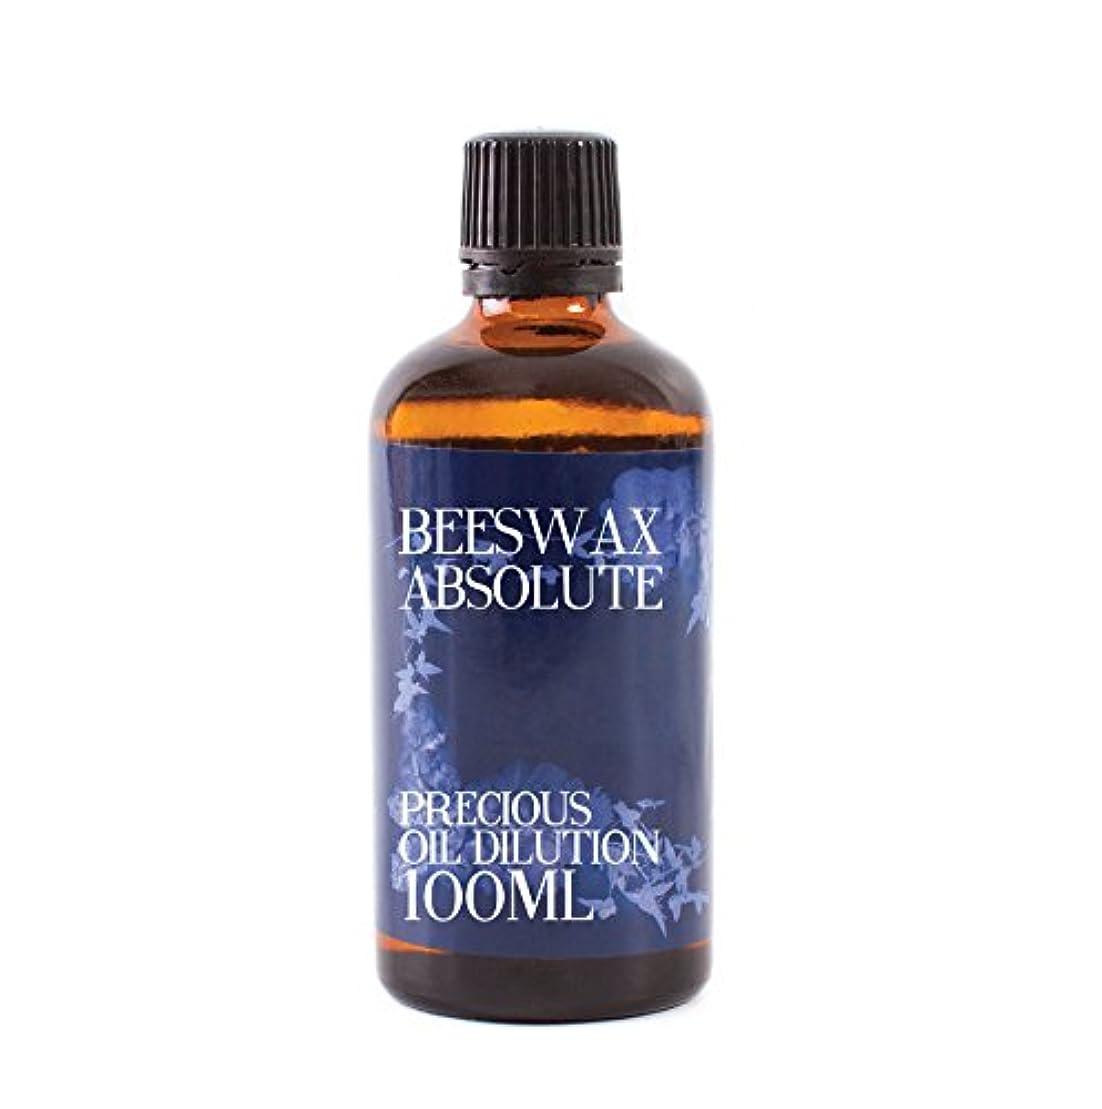 添付デンマークエスカレーターBeeswax Absolute Oil Dilution - 100ml